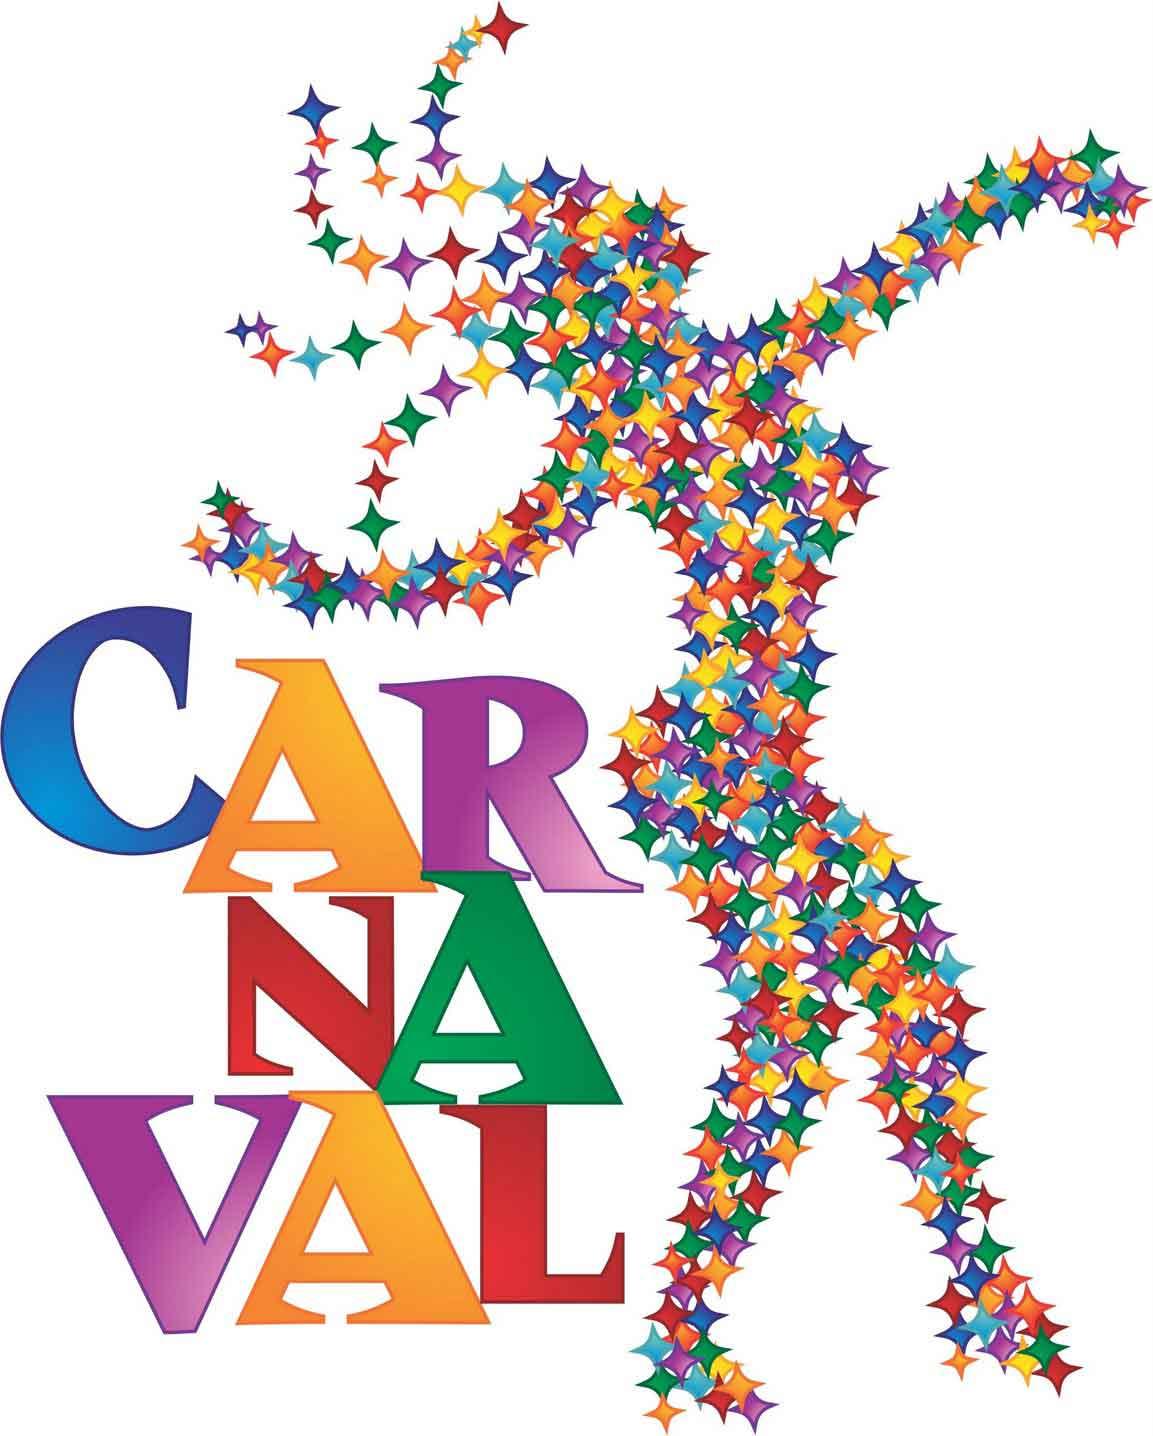 Evenements-Carnaval-216634.png.jpg